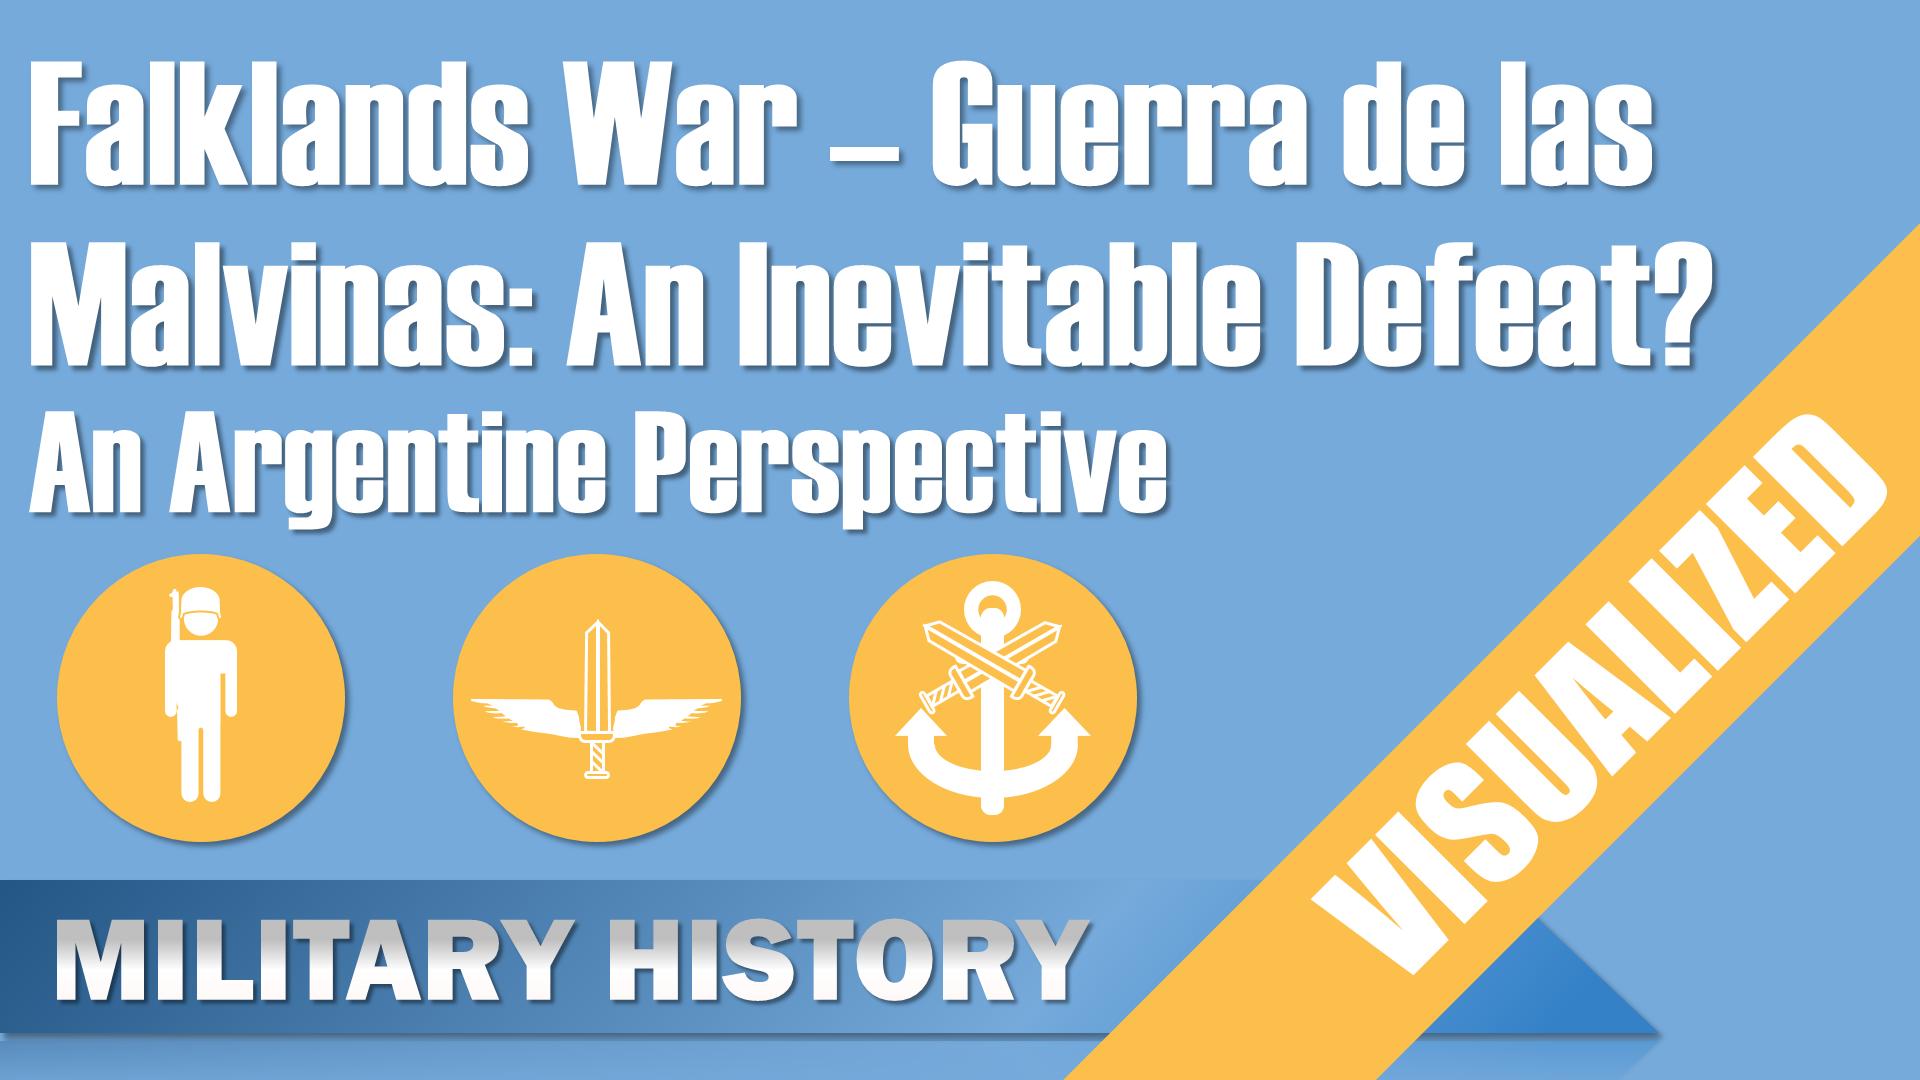 Falklands War Guerra De Las Malvinas Inevitable Defeat Argentine Perspective